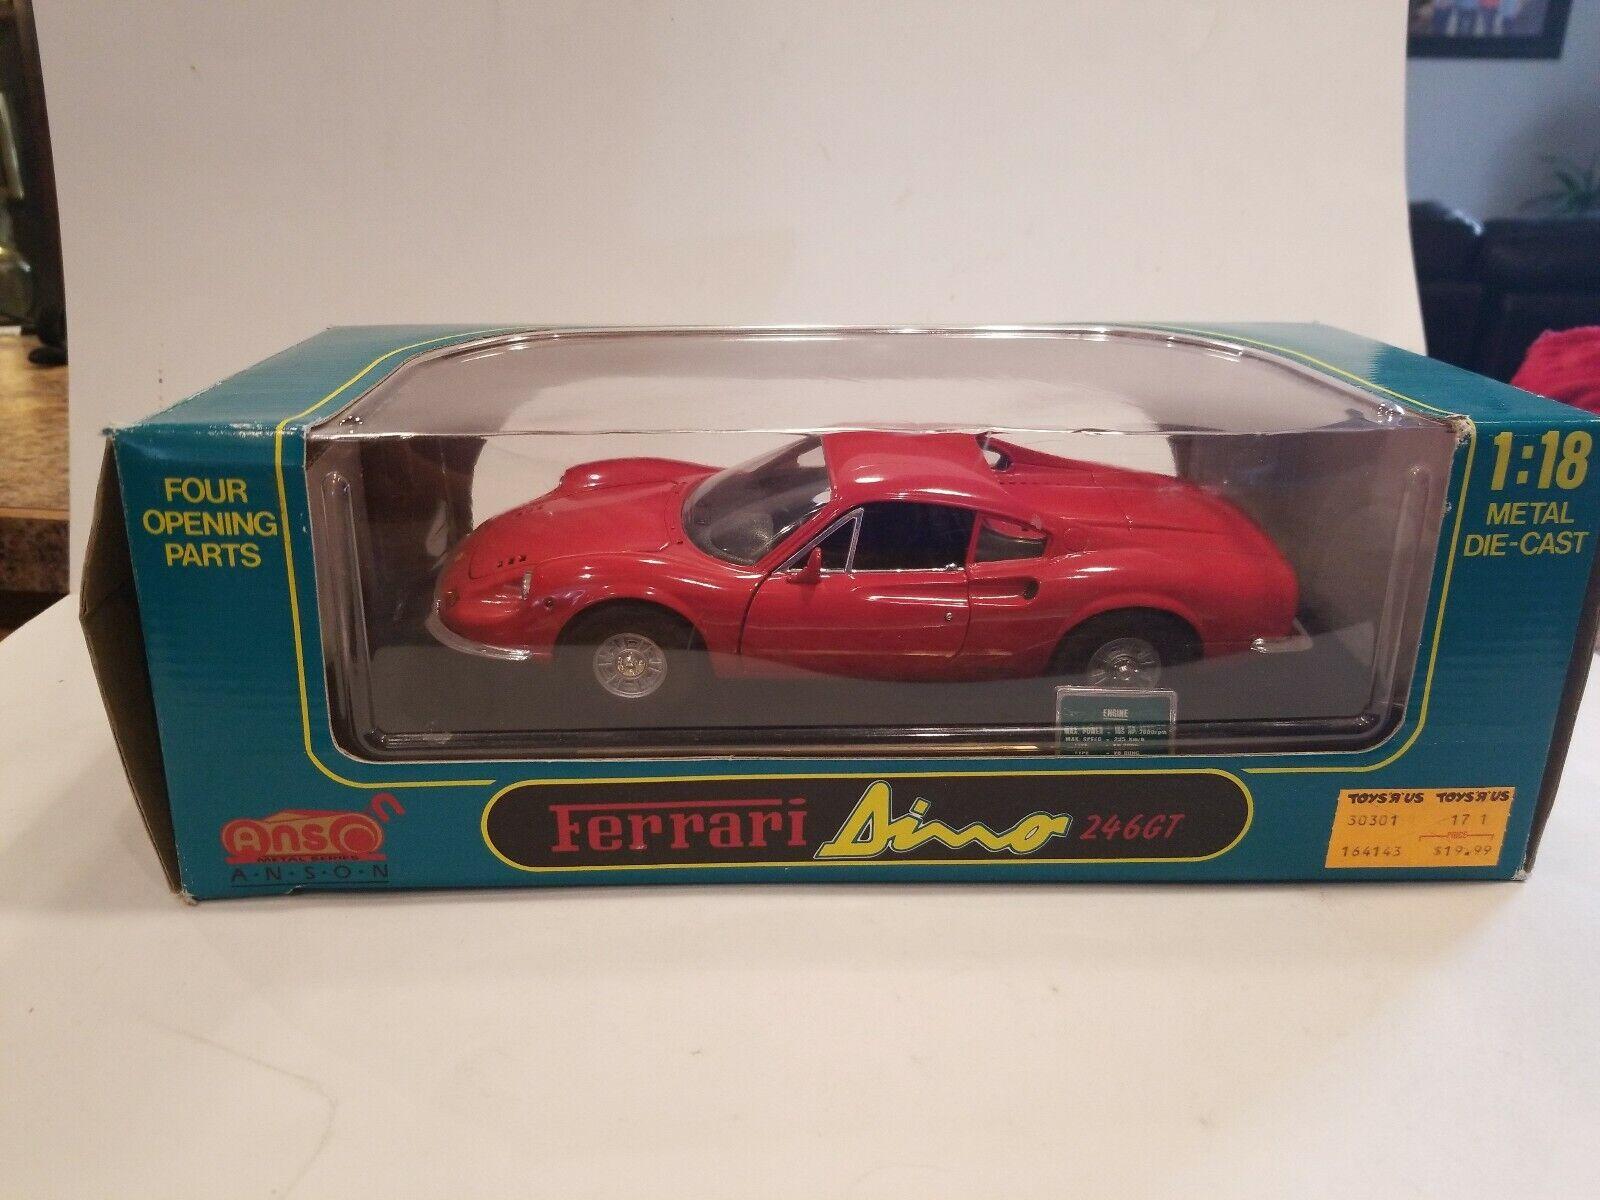 ANSON FERRARI DINO 246 GT 1 18 scale - rot